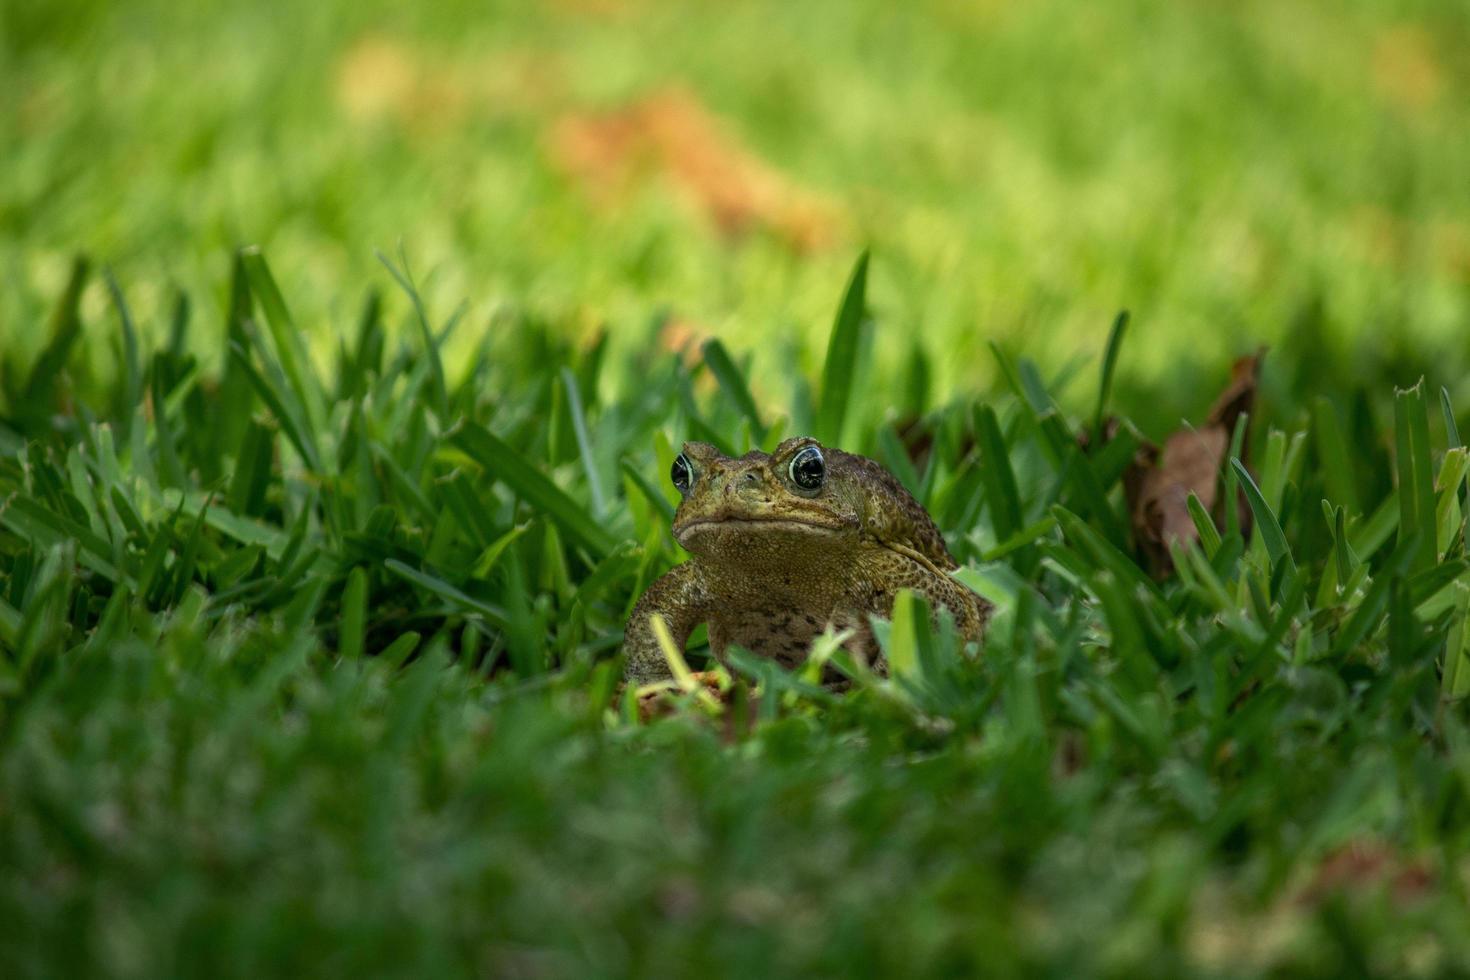 grenouille dans l'herbe verte photo